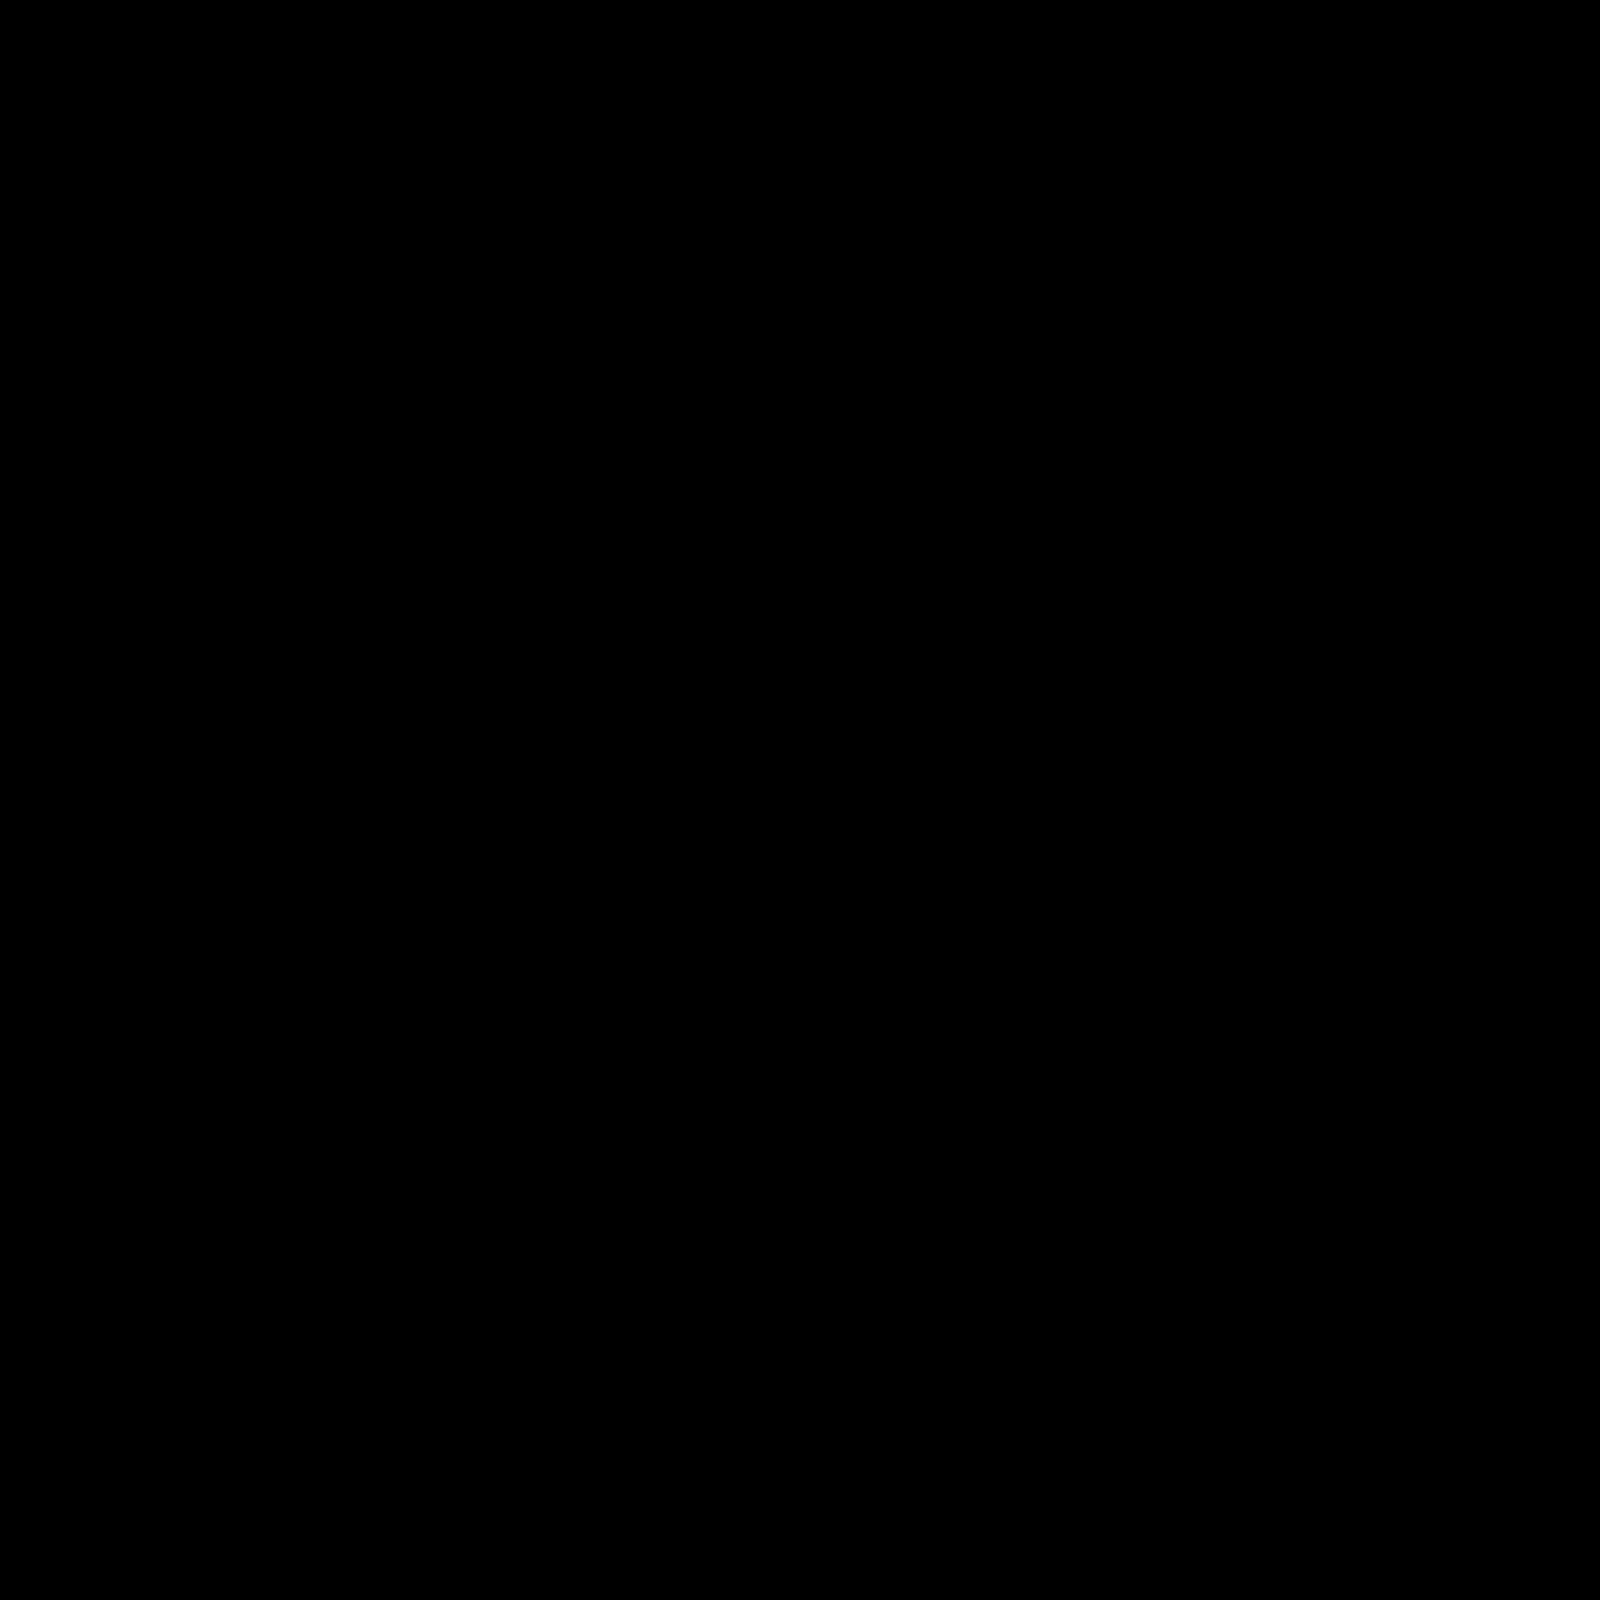 Astrolabe icon